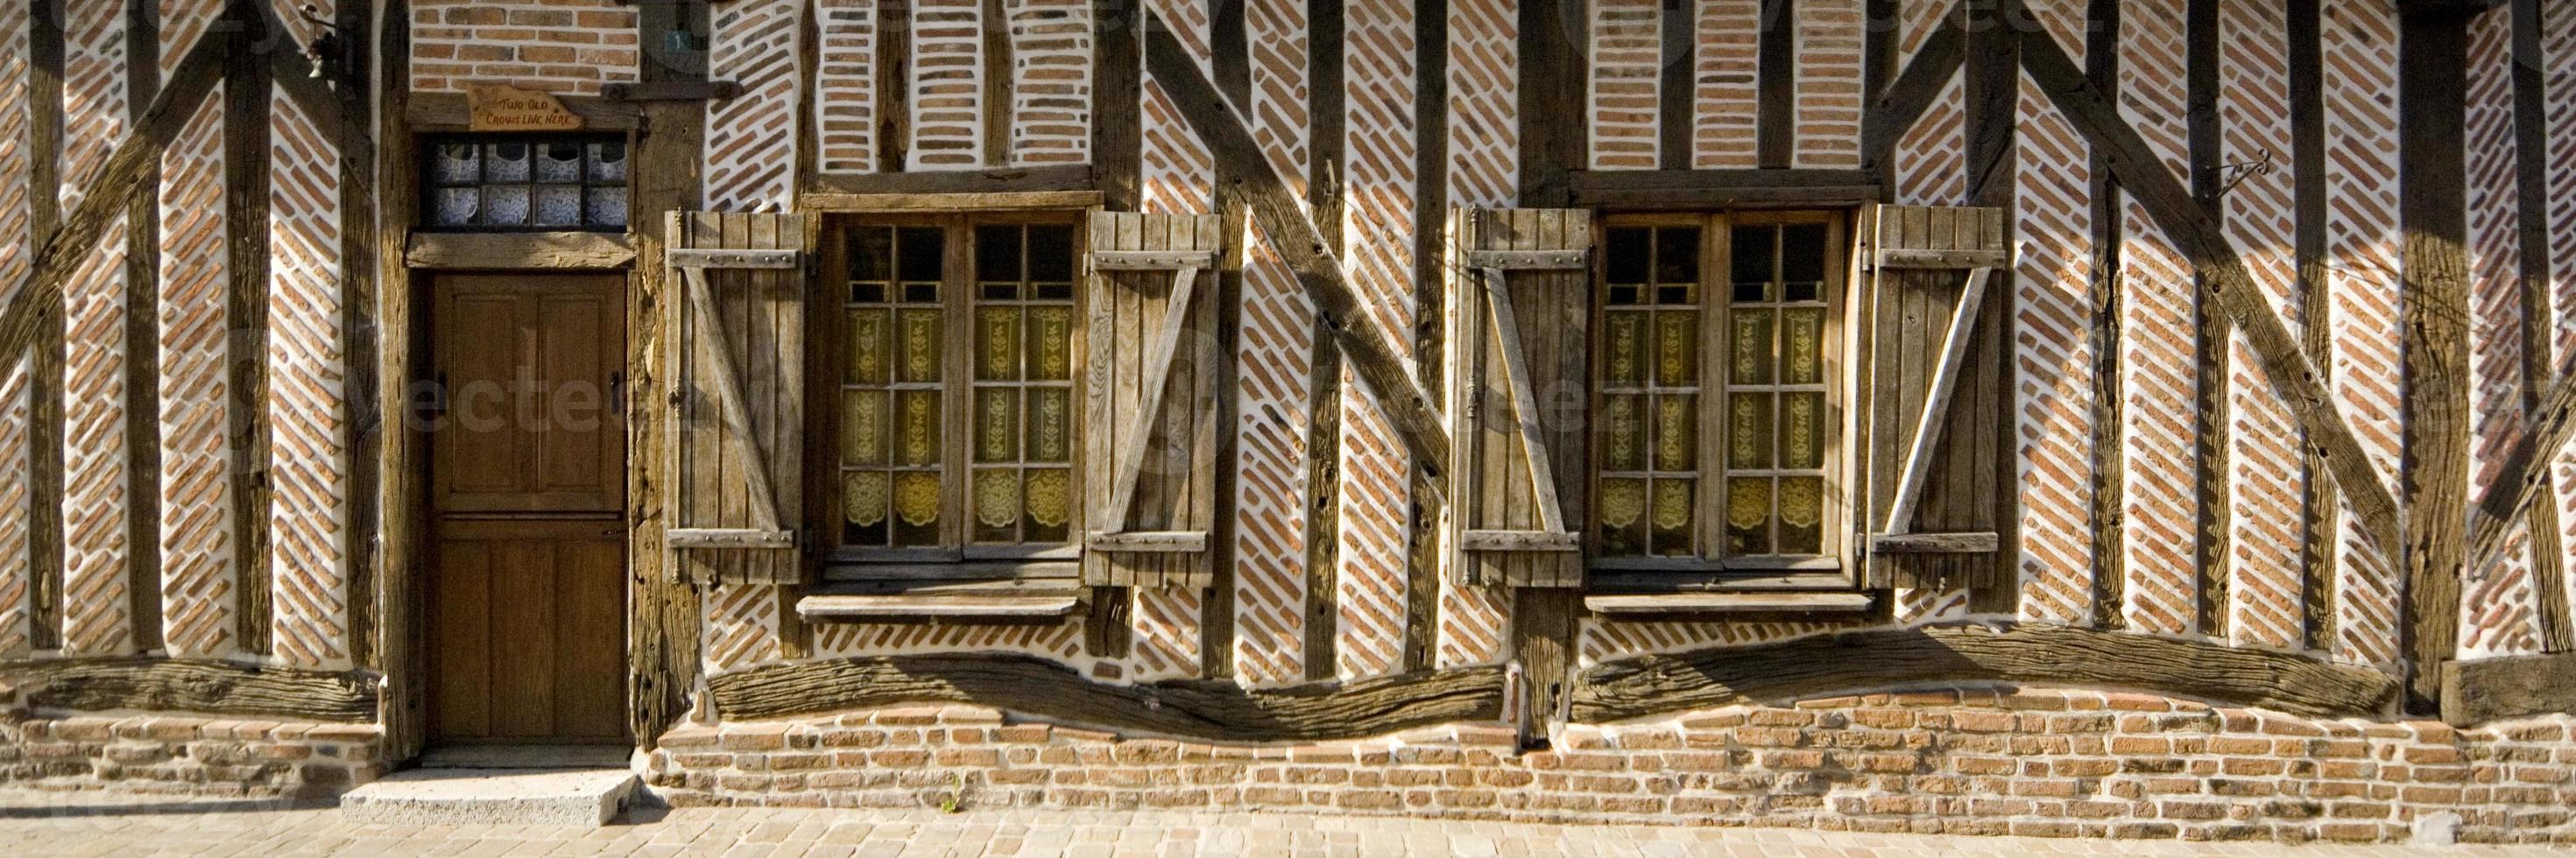 huis van normandië foto